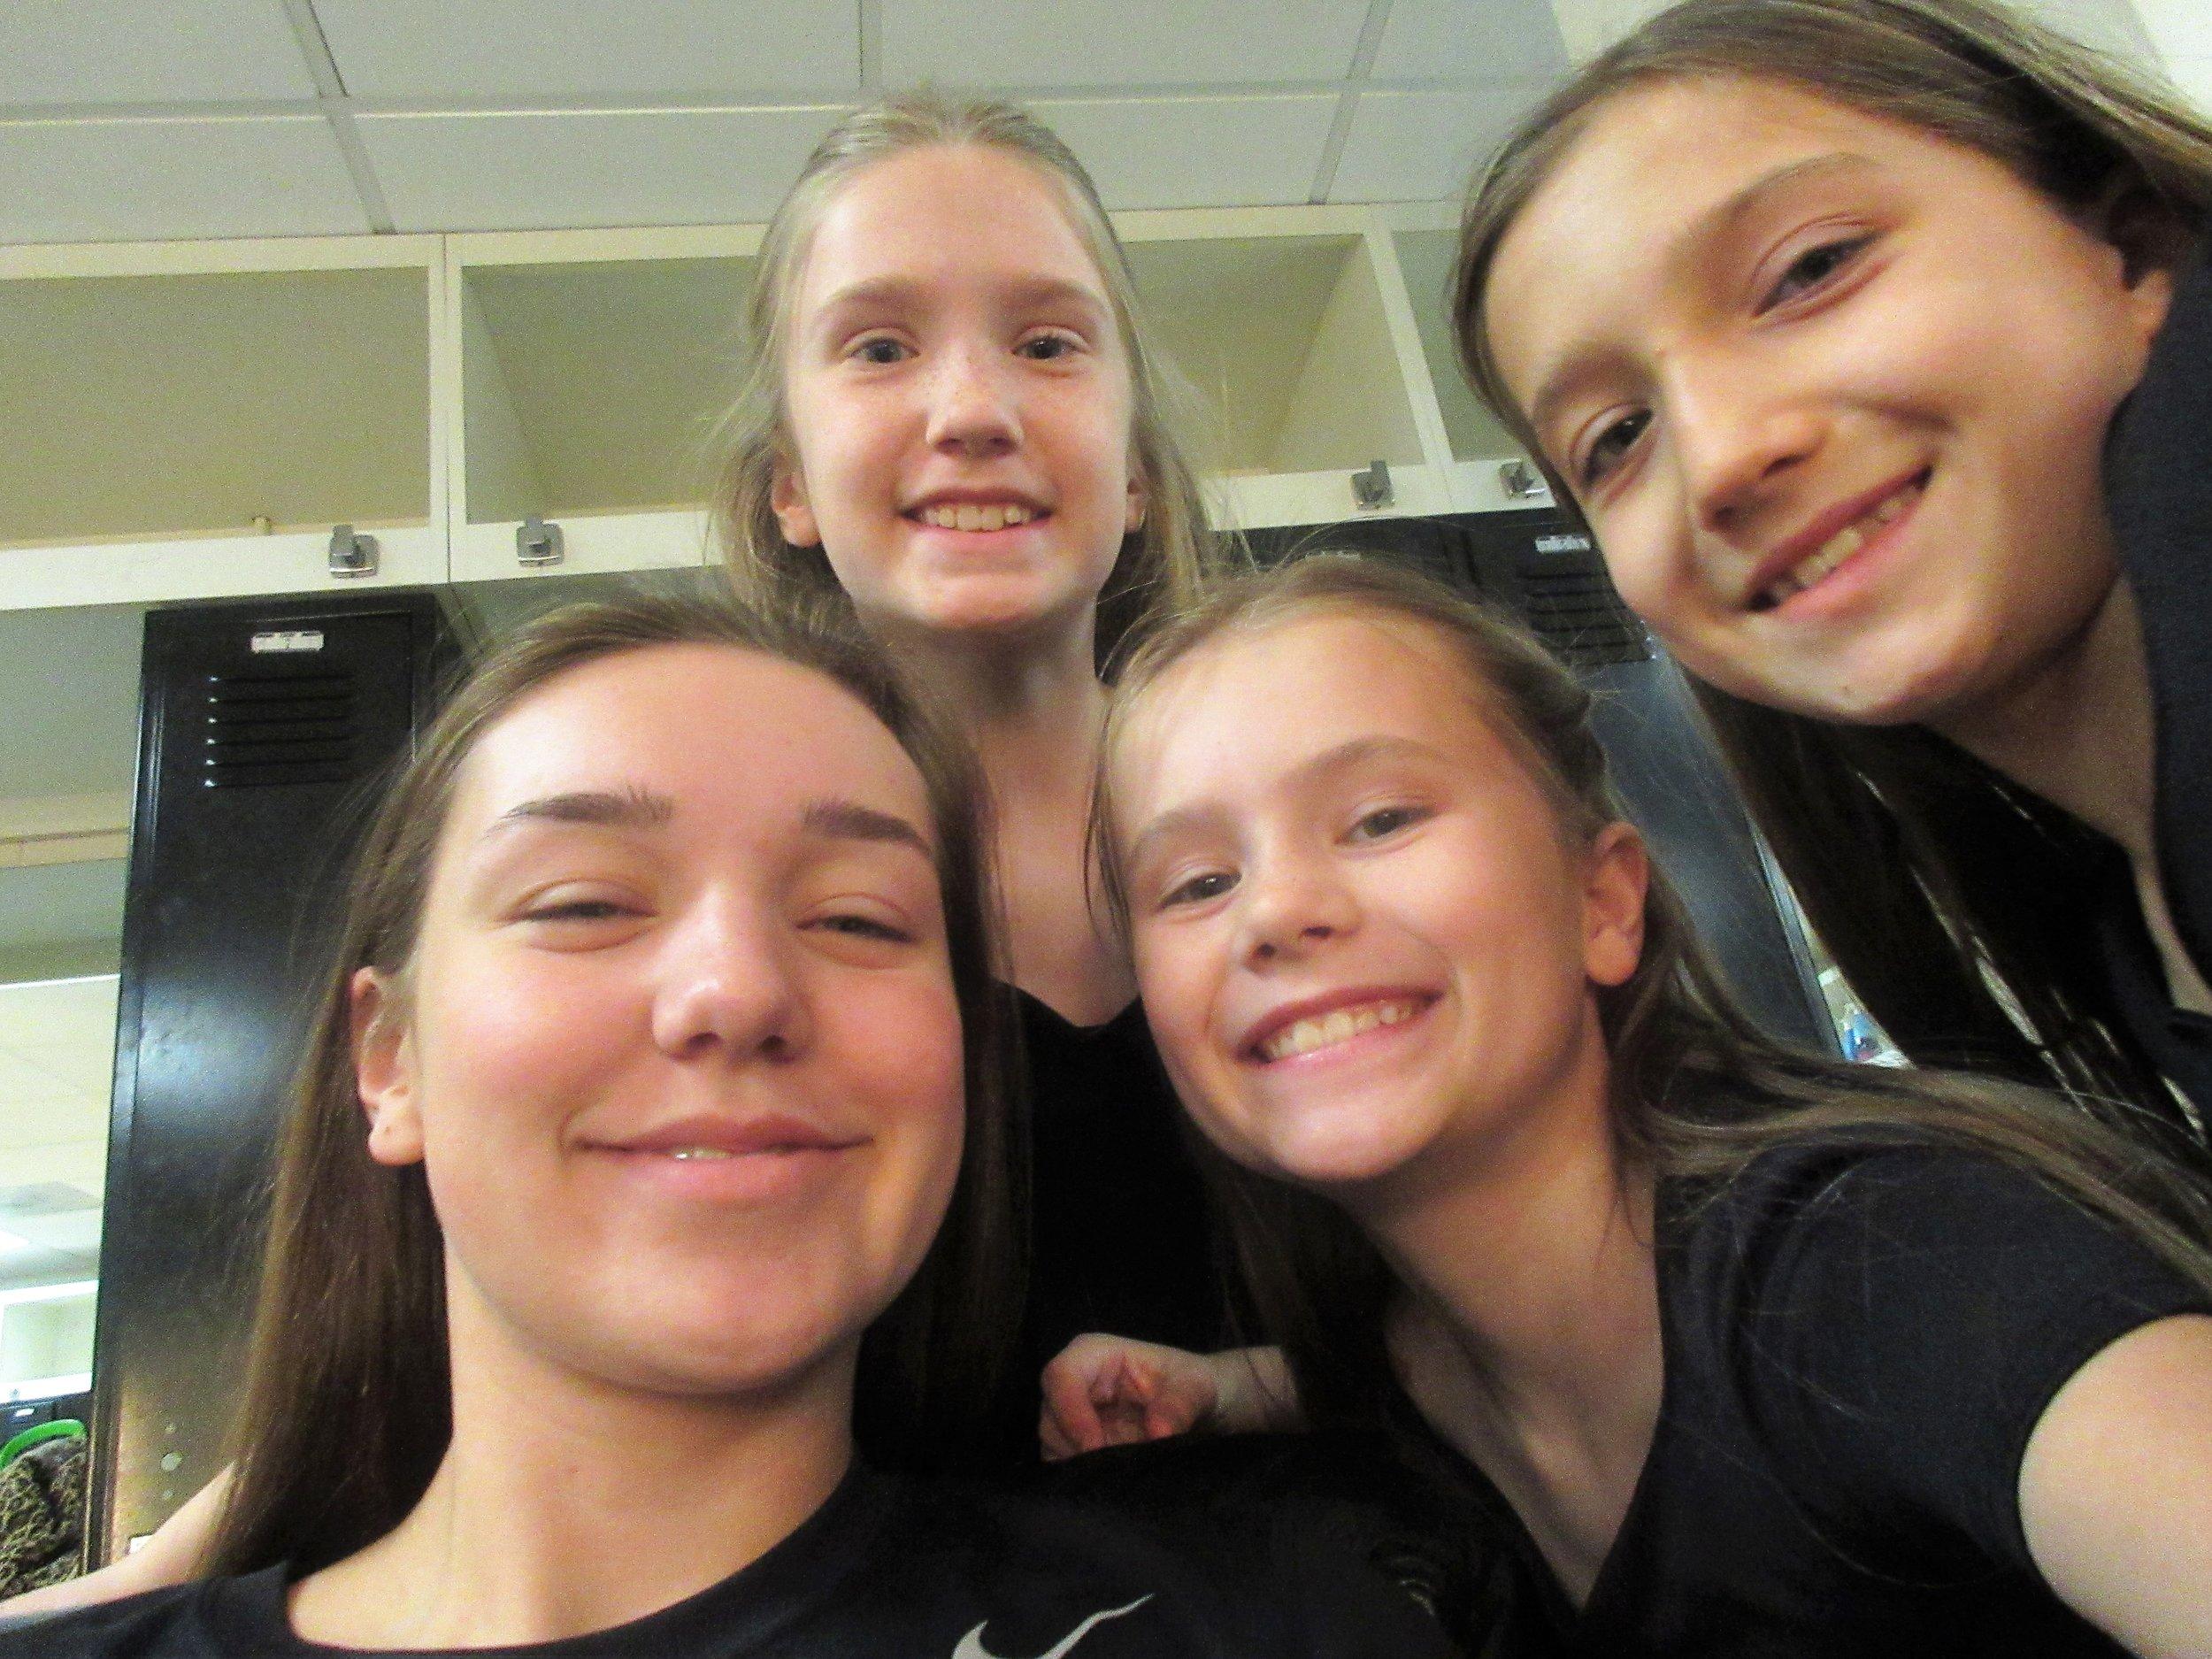 Fun B Choir dressing room selfies!